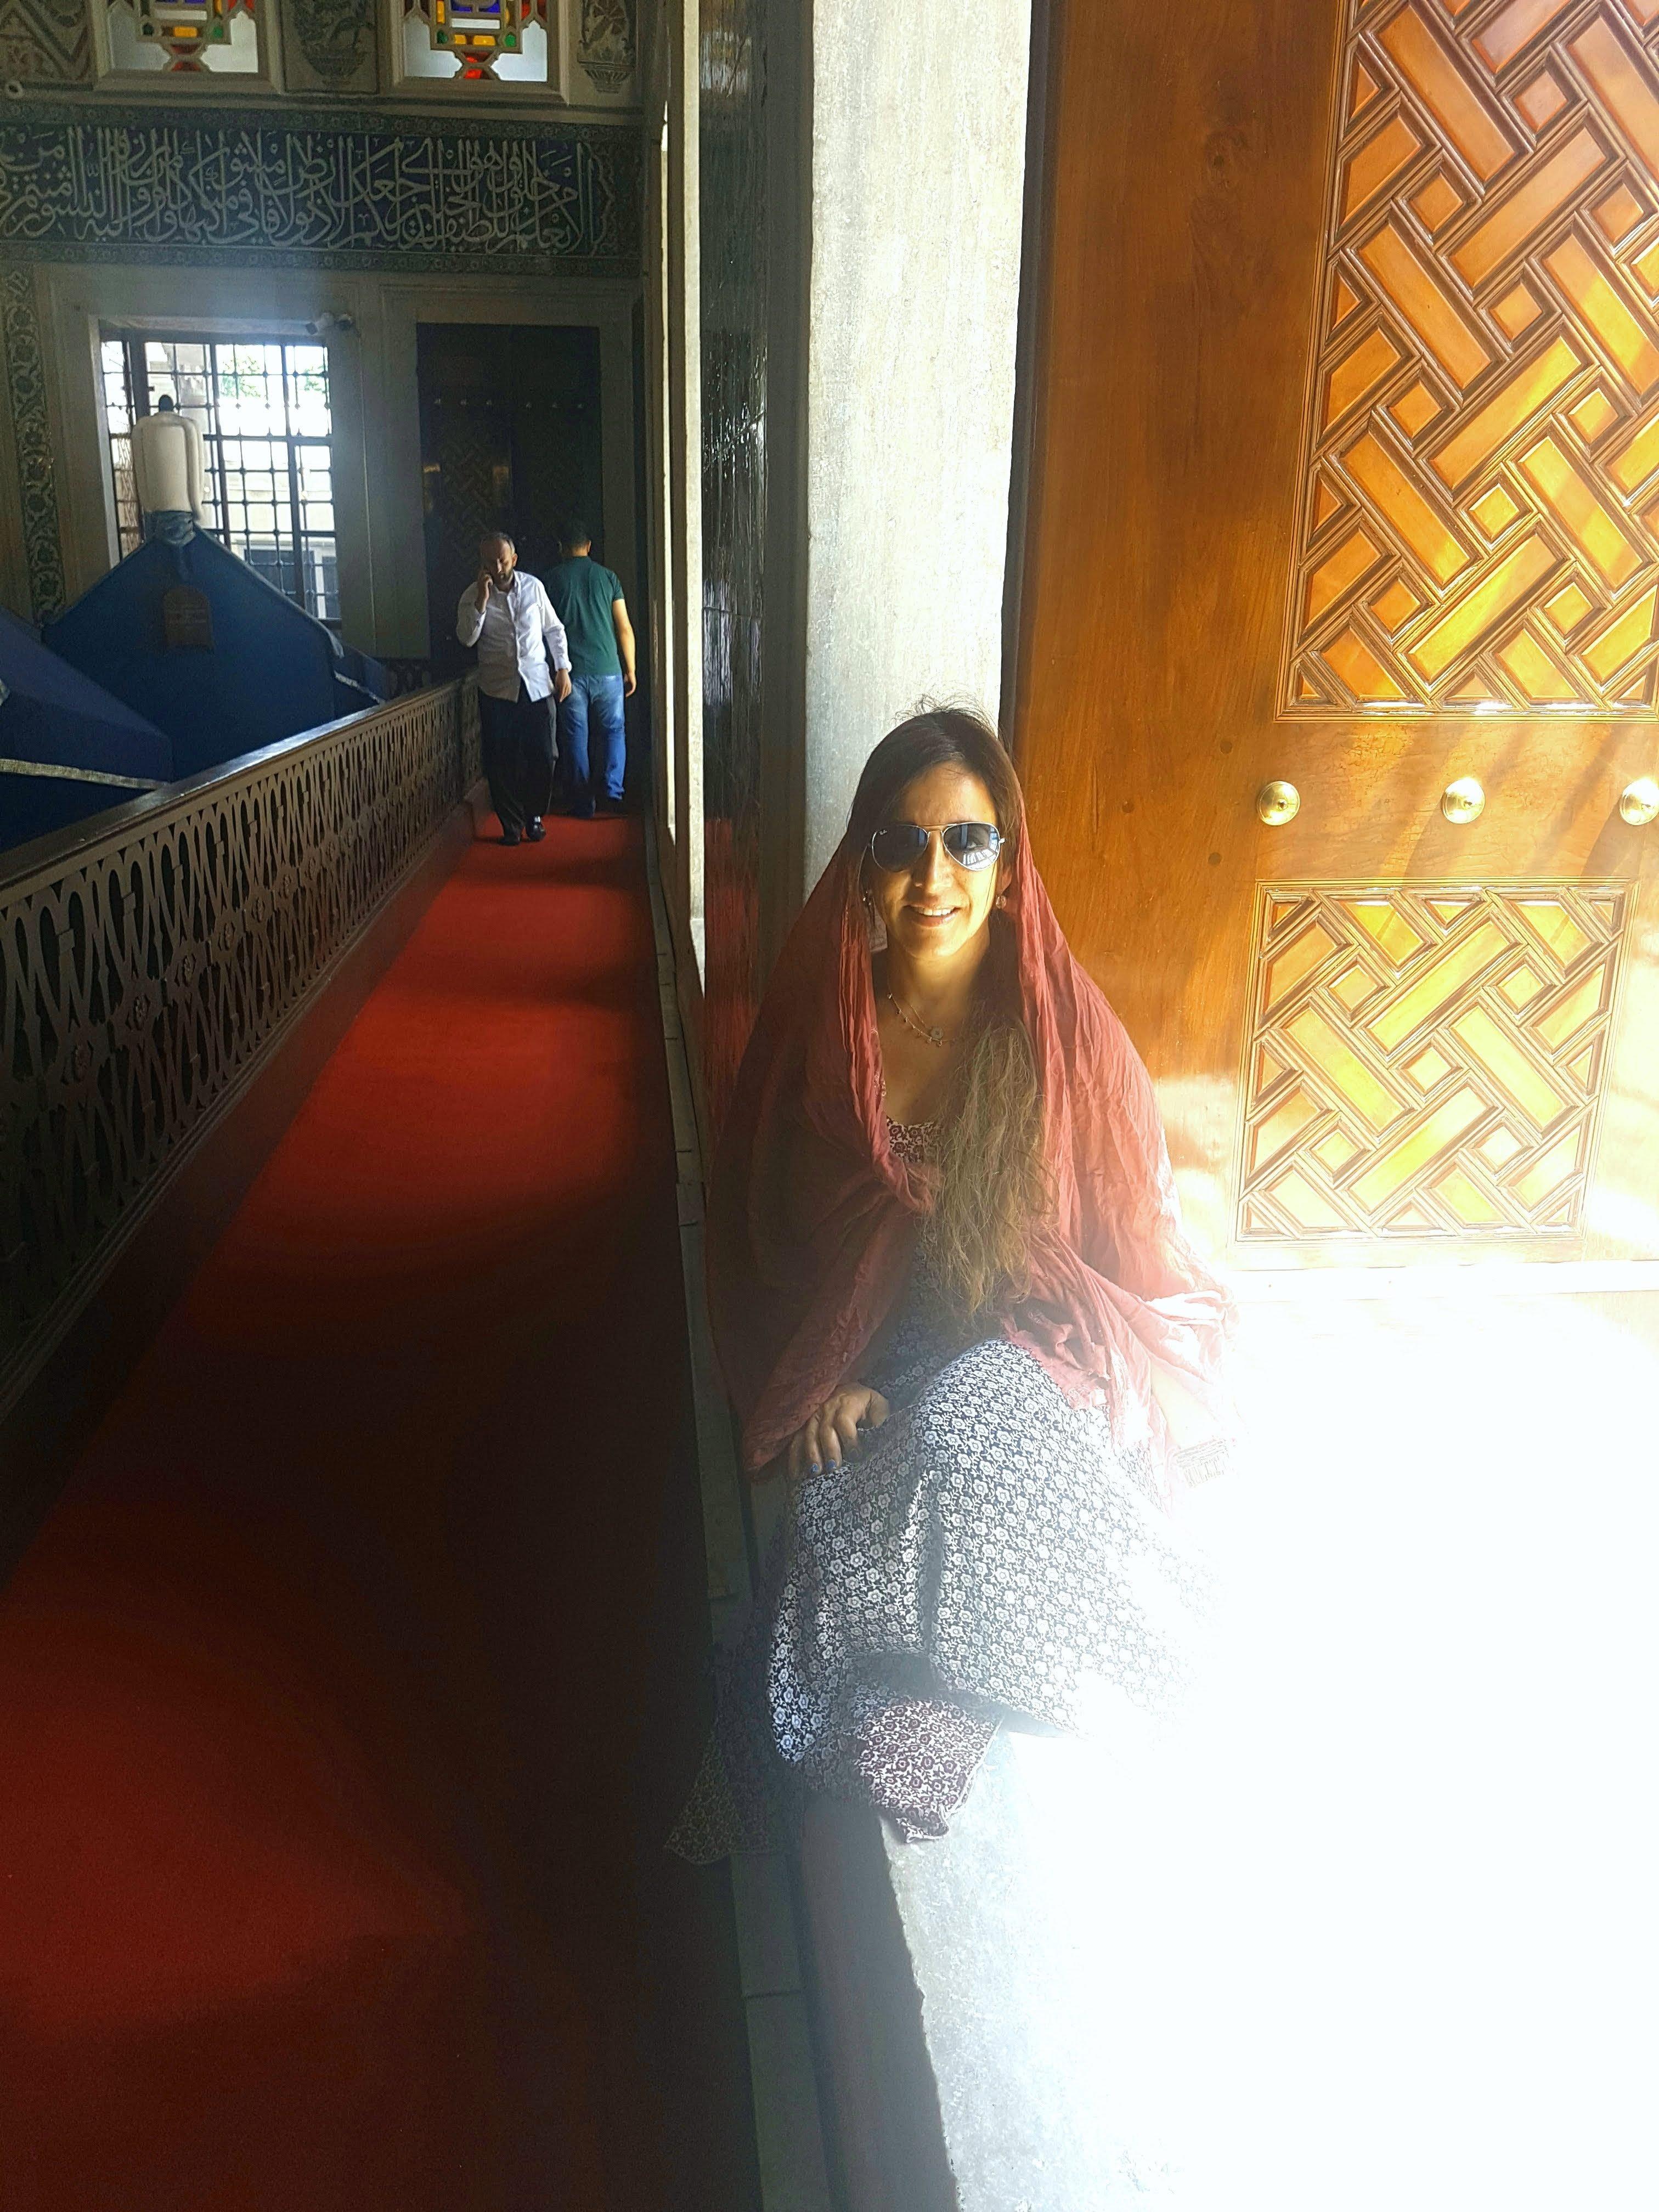 Visita a la Mezquita Azul en Estambul, Turquía